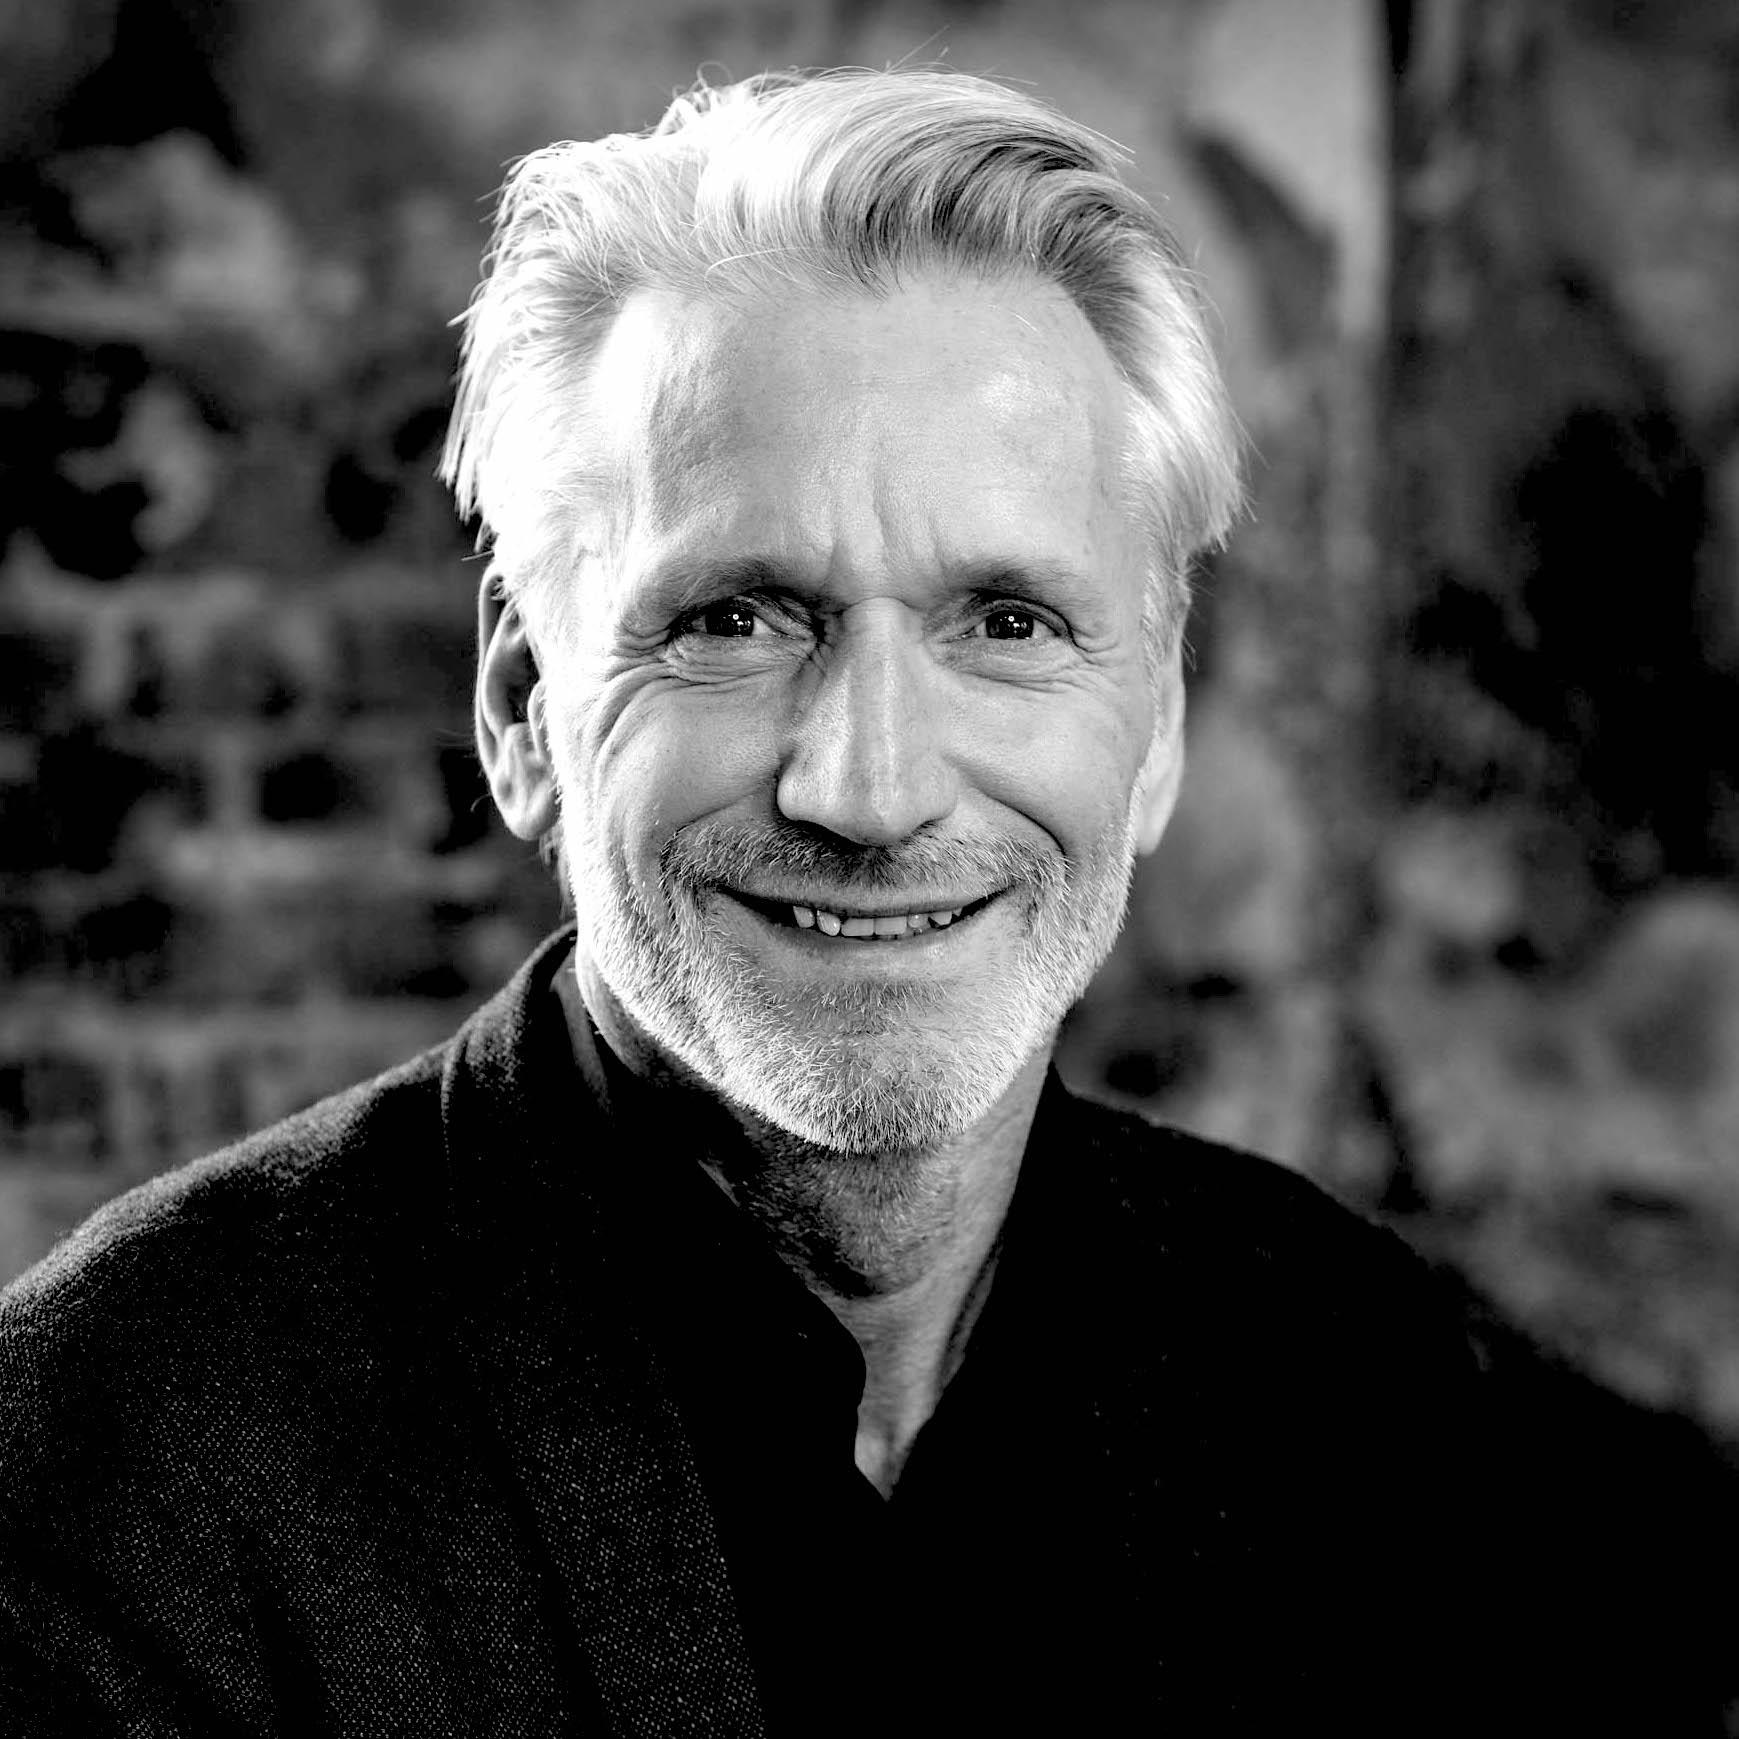 Vincent Thijssen